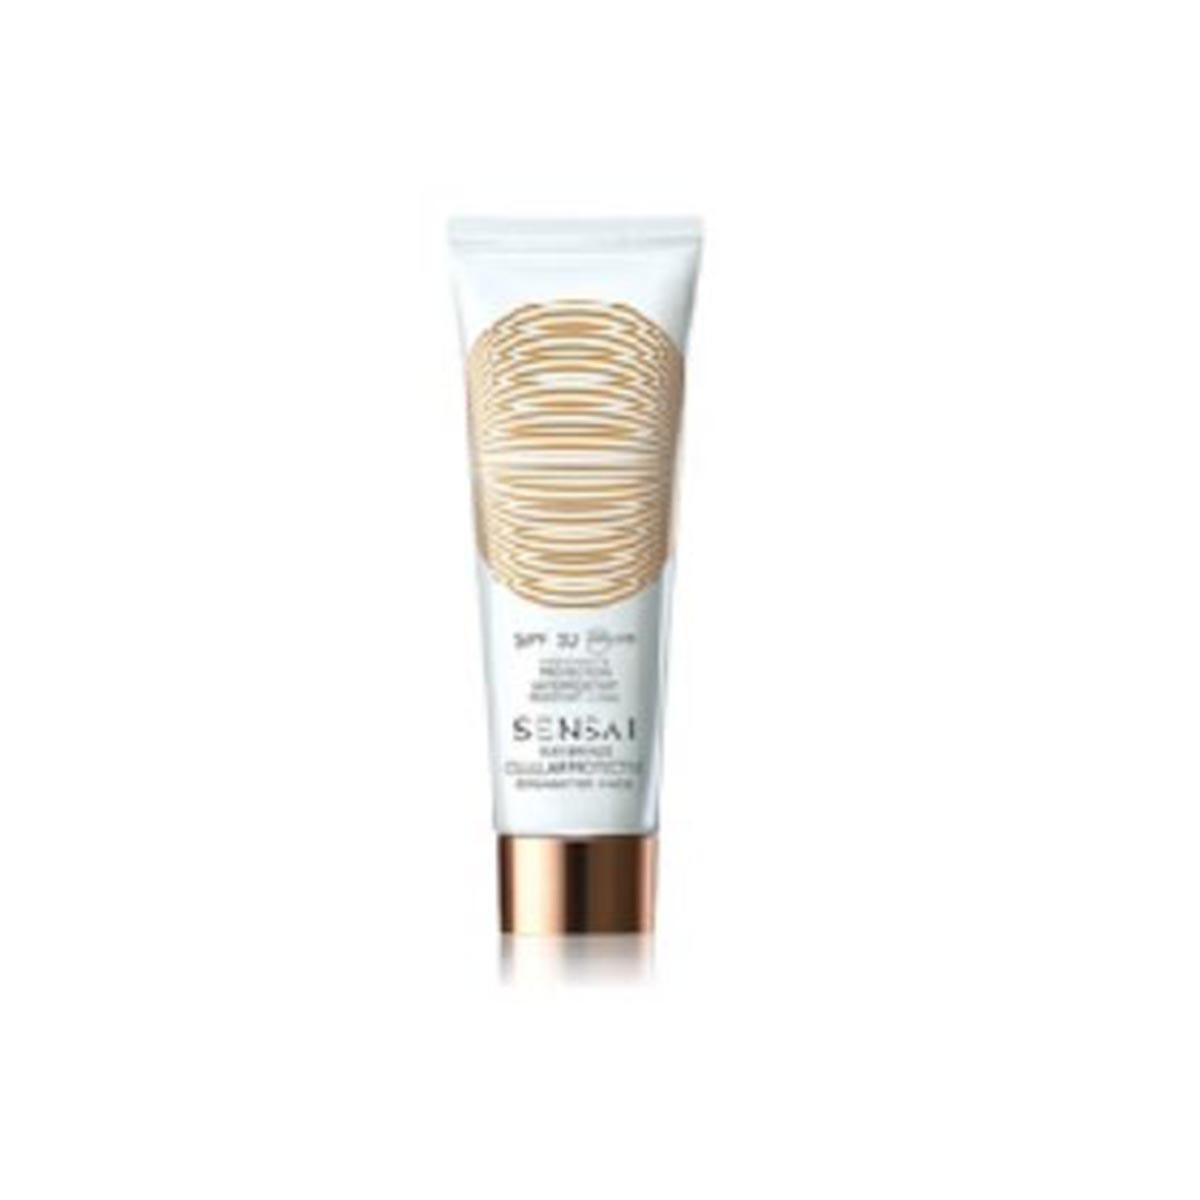 Kanebo-fragrances Sensai Silky Bronze Crema Rostro Spf50 50ml